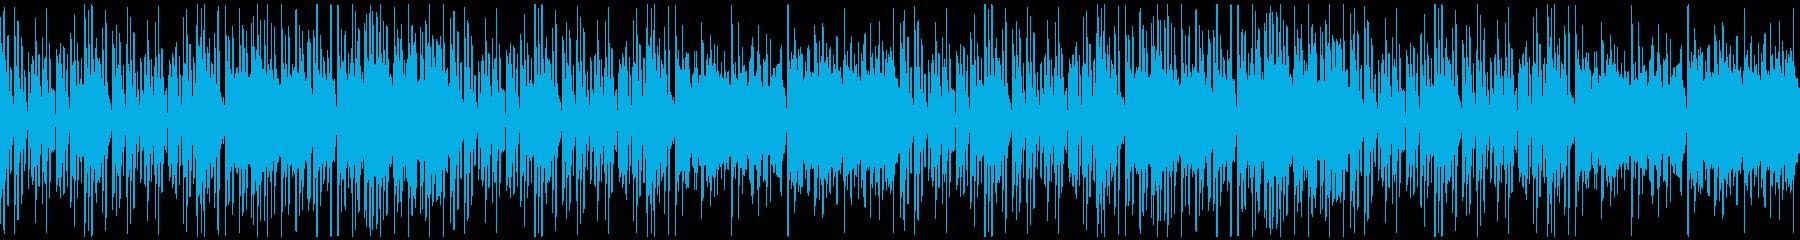 怪しげでいたずらっぽいハロウィン系BGMの再生済みの波形